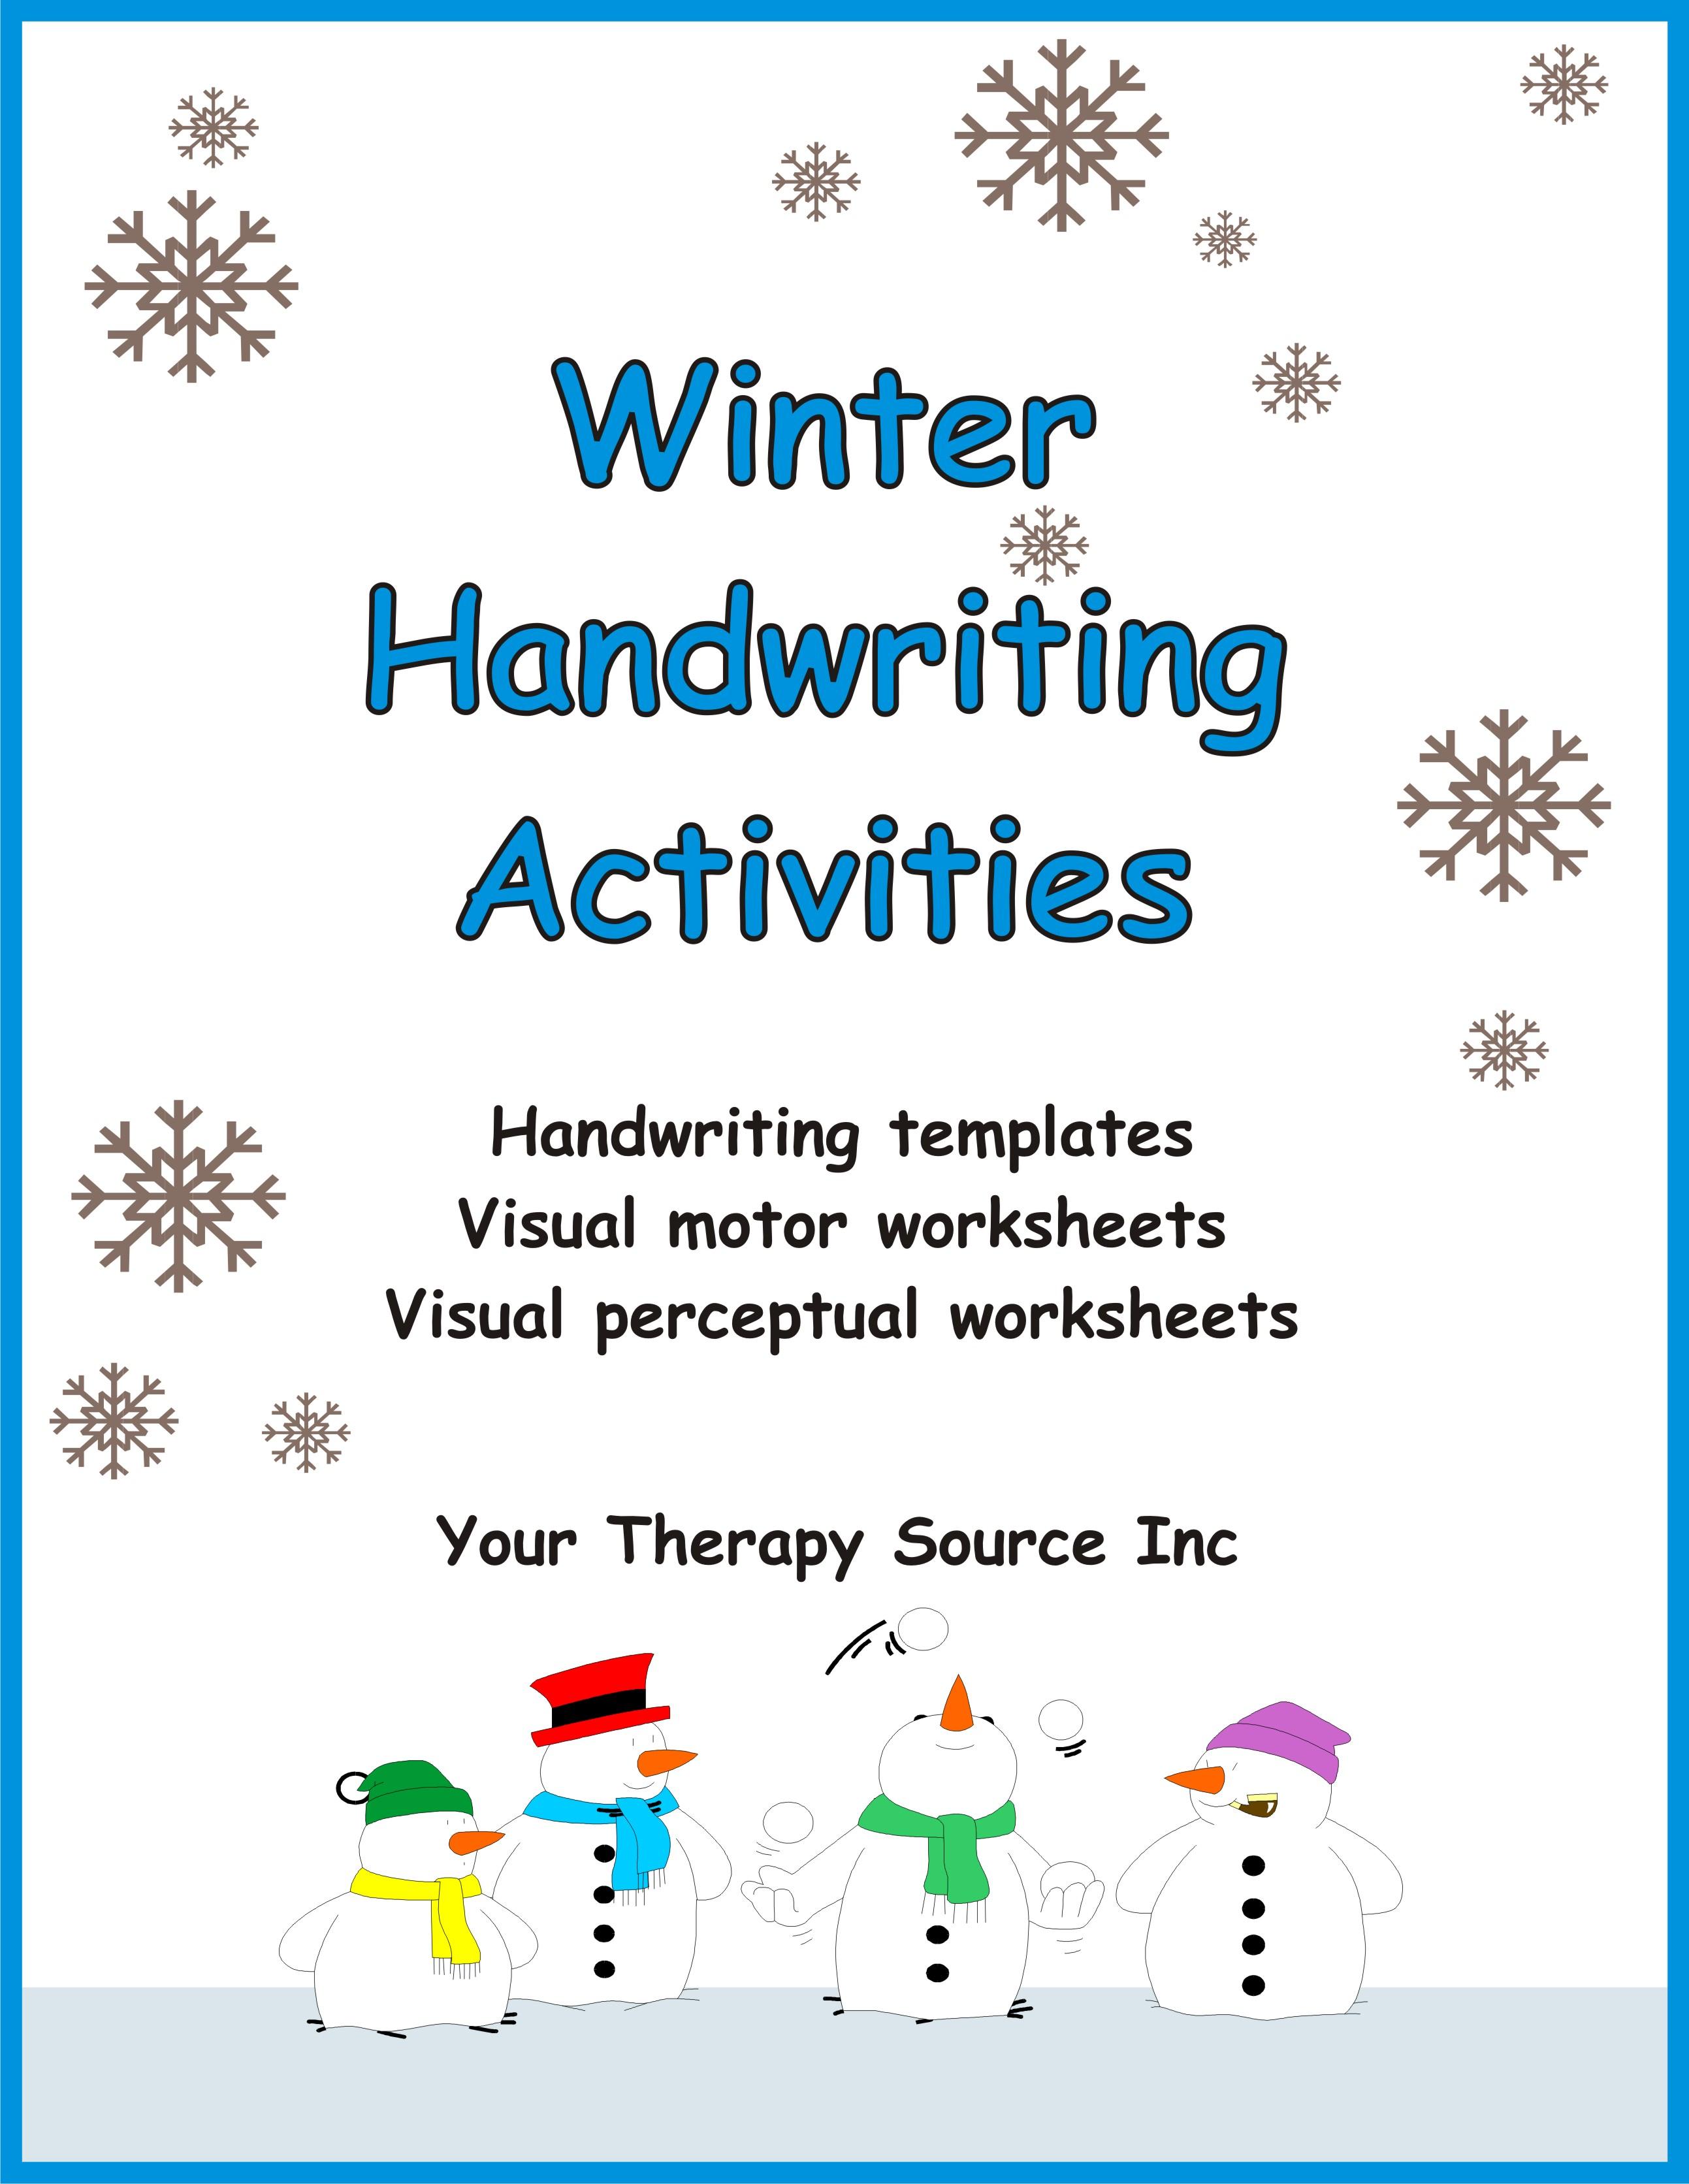 Winter Handwriting Activities